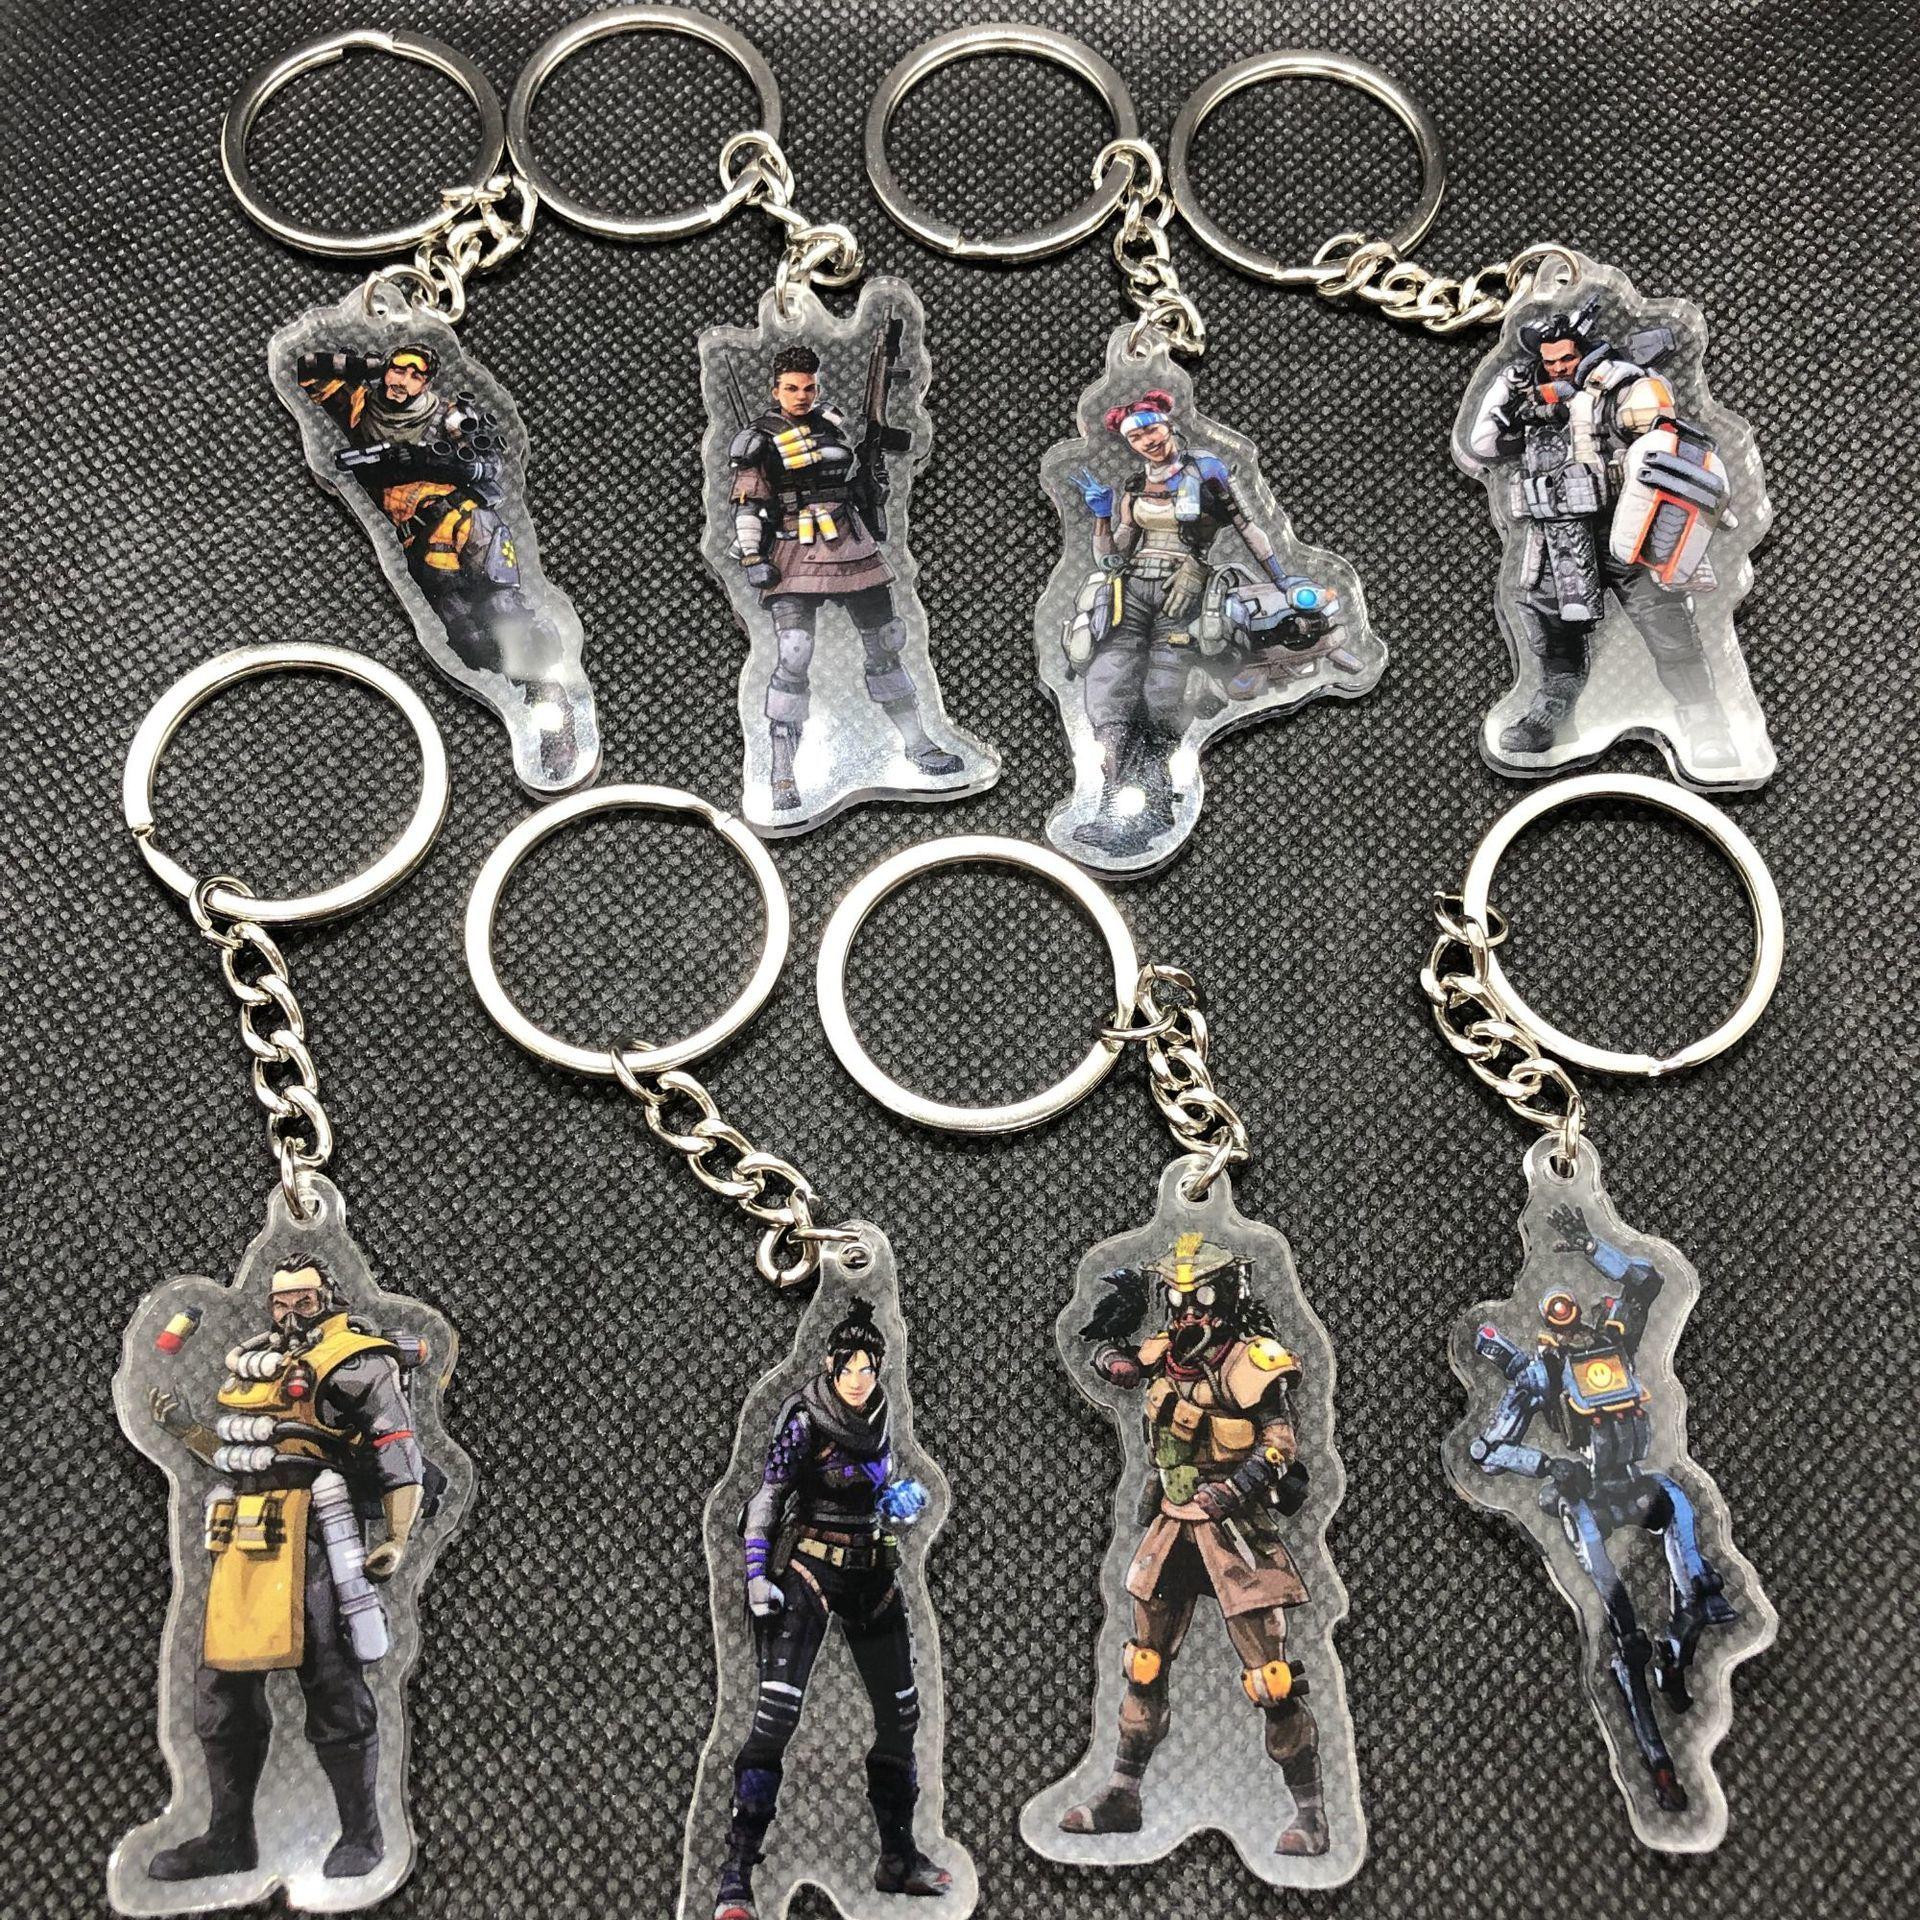 Apex Hero Periphery Key Buckle Second Gram Force 8 Individual Legend Comic Game Key Buckle Lifeline Key Buckle